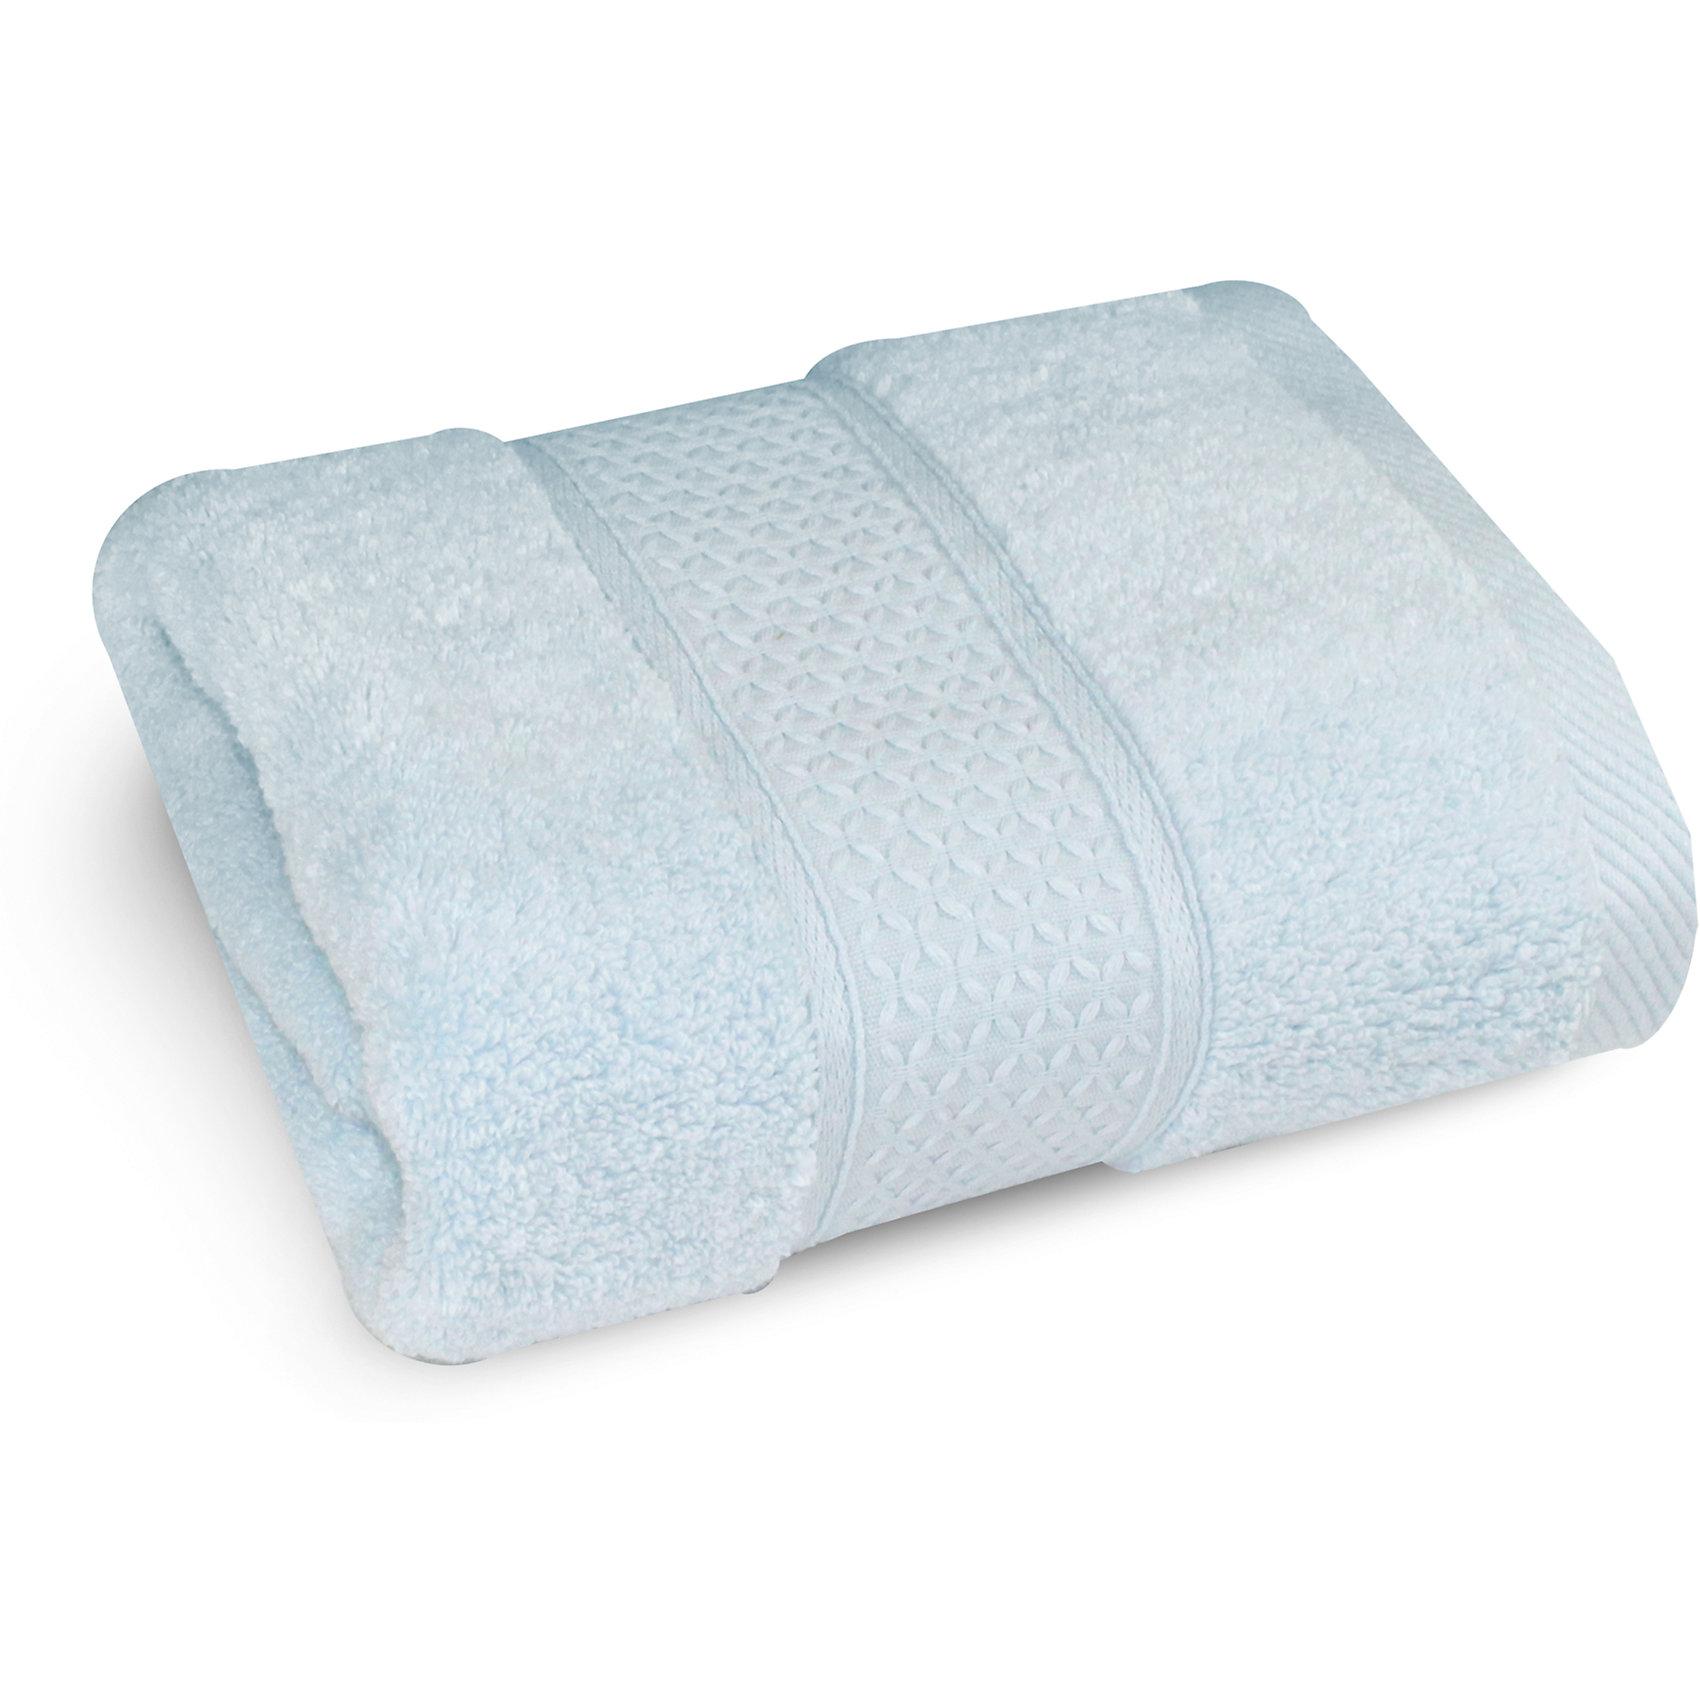 Полотенце махровое 30*70, Cozy Home, голубойВанная комната<br>Полотенце махровое 30*70, Cozy Home (Кози Хоум), голубой<br><br>Характеристики:<br><br>• гиполлергенное и мягкое полотенце<br>• хорошо впитывает влагу<br>• легко стирать<br>• материал: хлопок<br>• размер: 30х70 см<br>• цвет: голубой<br><br>Классическое махровое полотенце - отличный вариант для вашей ванной комнаты. Полотенце от Cozy Home выполнено из качественного хлопка, обладающего высокой гигроскопичностью. Оно быстро впитает влагу и подарит вам сухость и комфорт. Кроме того, полотенце устойчиво к выцветанию и деформации. Нежные и мягкие хлопковые волокна не вызывают раздражения и аллергии, а также препятствуют появлению бактерий. Полотенце украшено узором по краю. Приятный дизайн станет прекрасным дополнением к интерьеру ванной комнаты.<br><br>Полотенце махровое 30*70, Cozy Home (Кози Хоум), голубой вы можете купить в нашем интернет-магазине.<br><br>Ширина мм: 150<br>Глубина мм: 250<br>Высота мм: 150<br>Вес г: 150<br>Возраст от месяцев: 0<br>Возраст до месяцев: 216<br>Пол: Унисекс<br>Возраст: Детский<br>SKU: 5355271